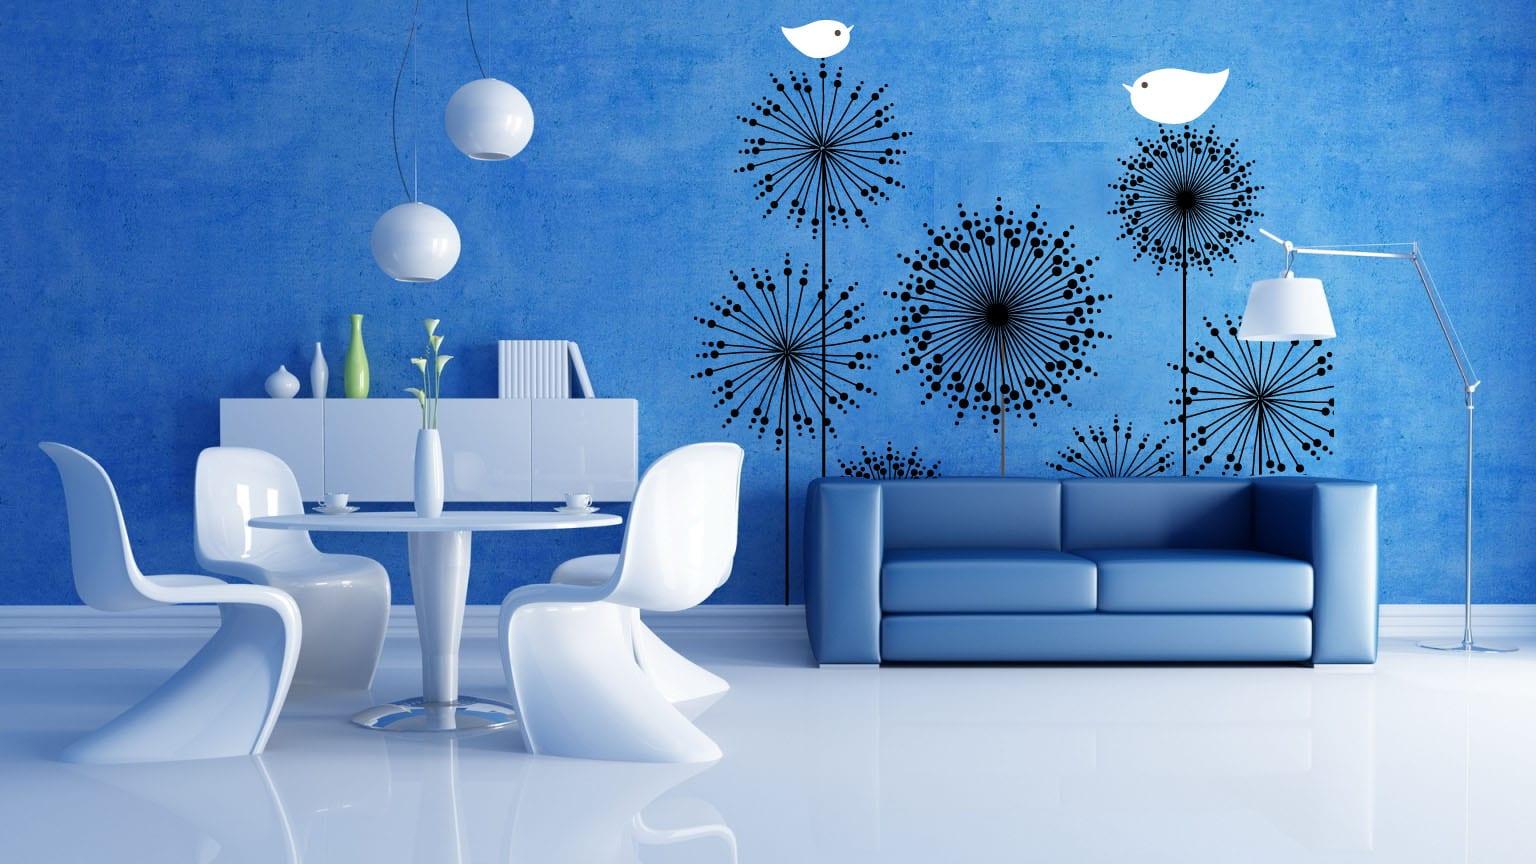 farbrausch schöner wohnen - blaue wand gestaltung mit schwarzen blumen- blaue ledersofa- kunststoff stühle-weiße pendelleuchte